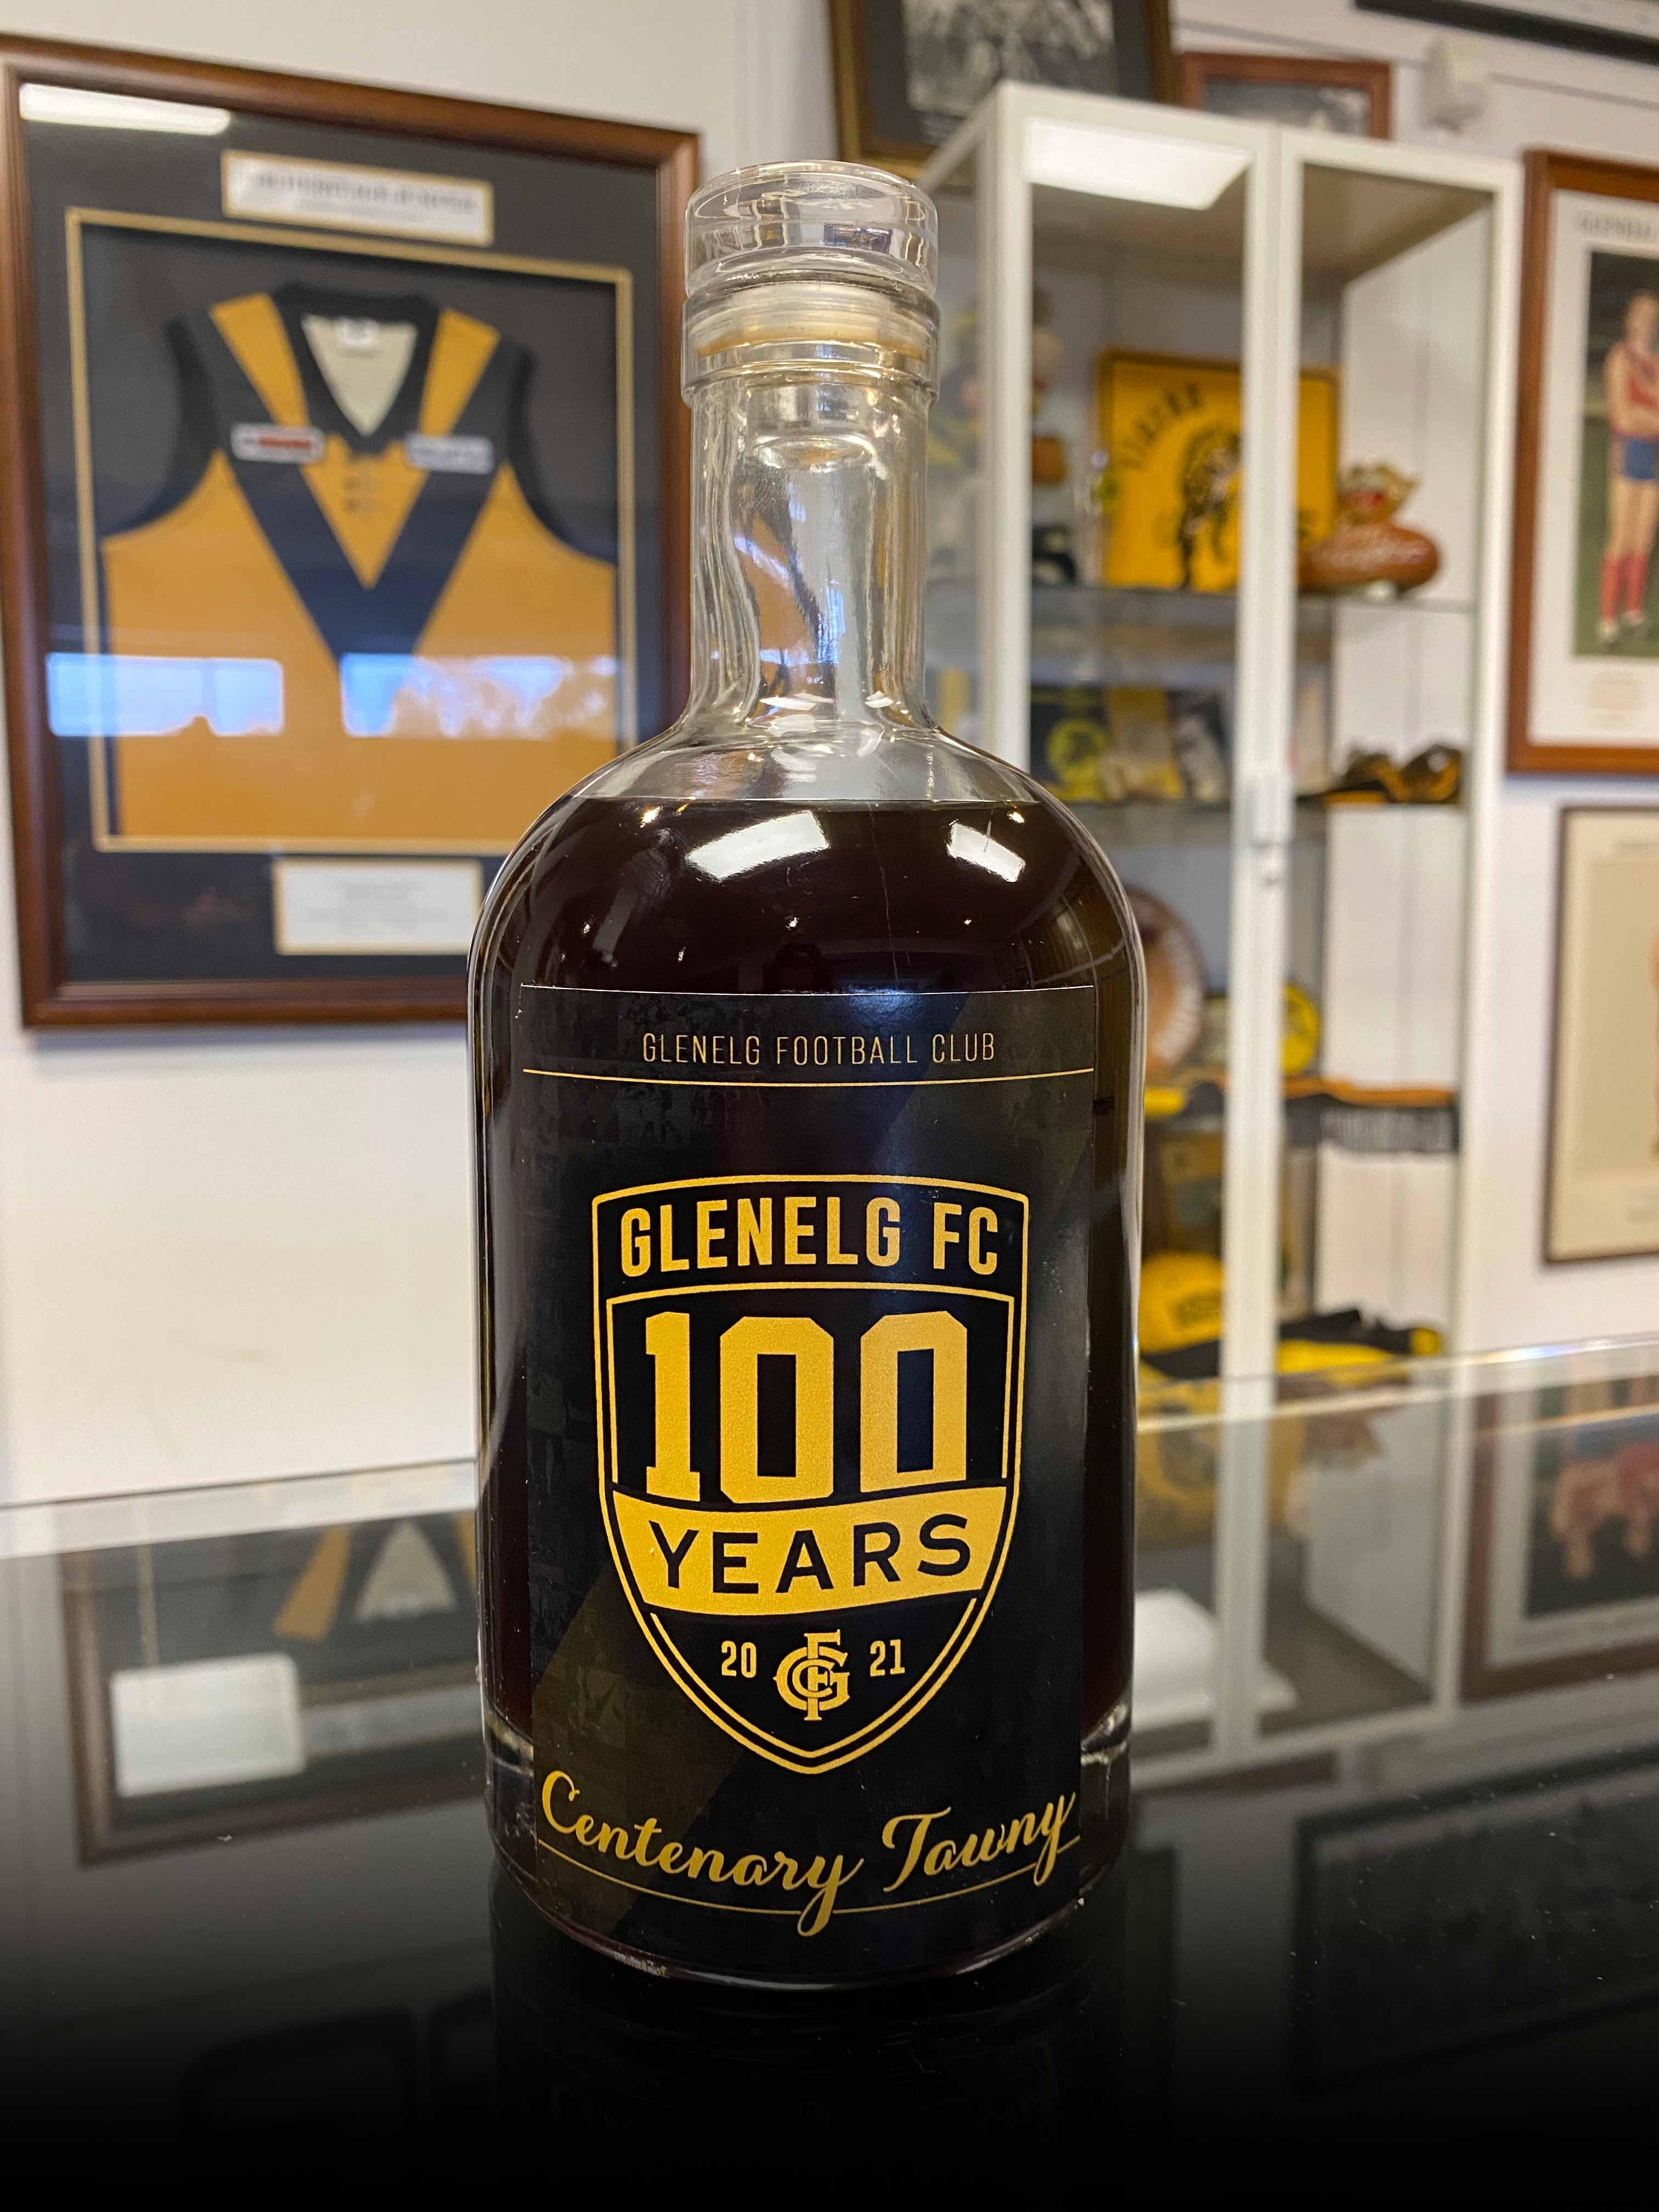 Centenary Tawny